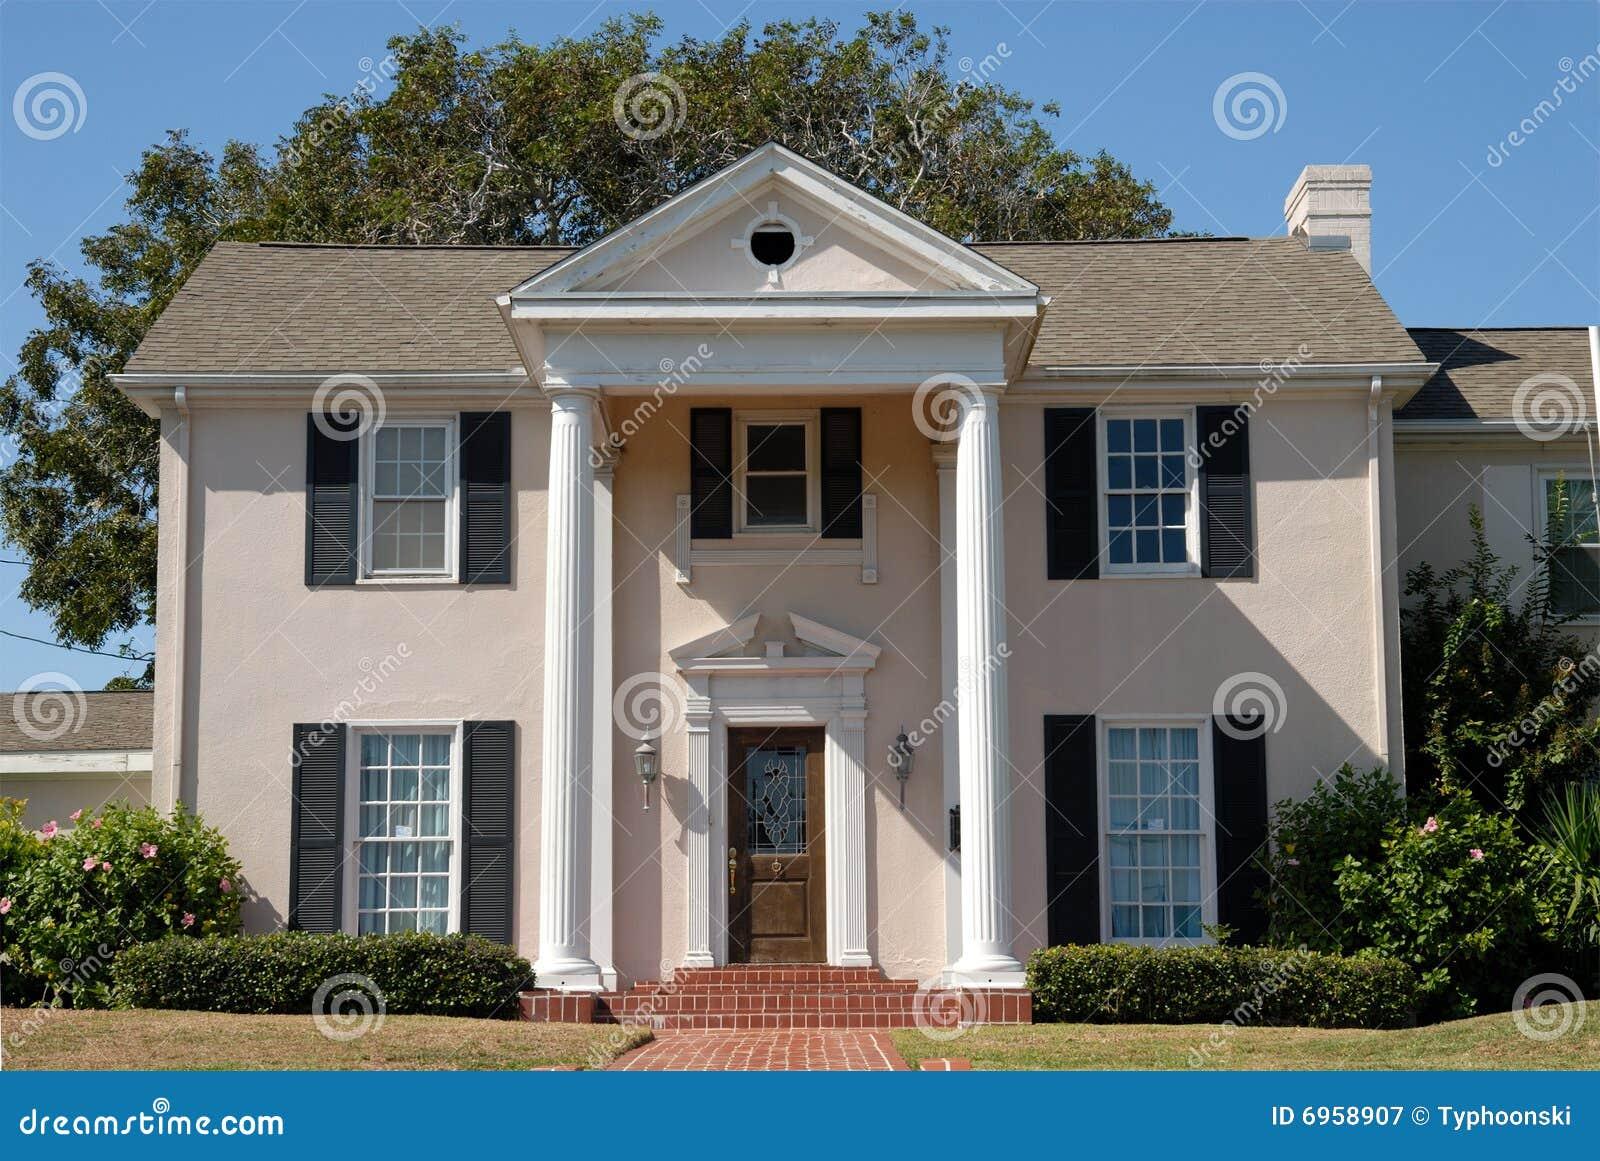 Casa de campo cl ssica bonita imagem de stock imagem de for Casa classica villa medici